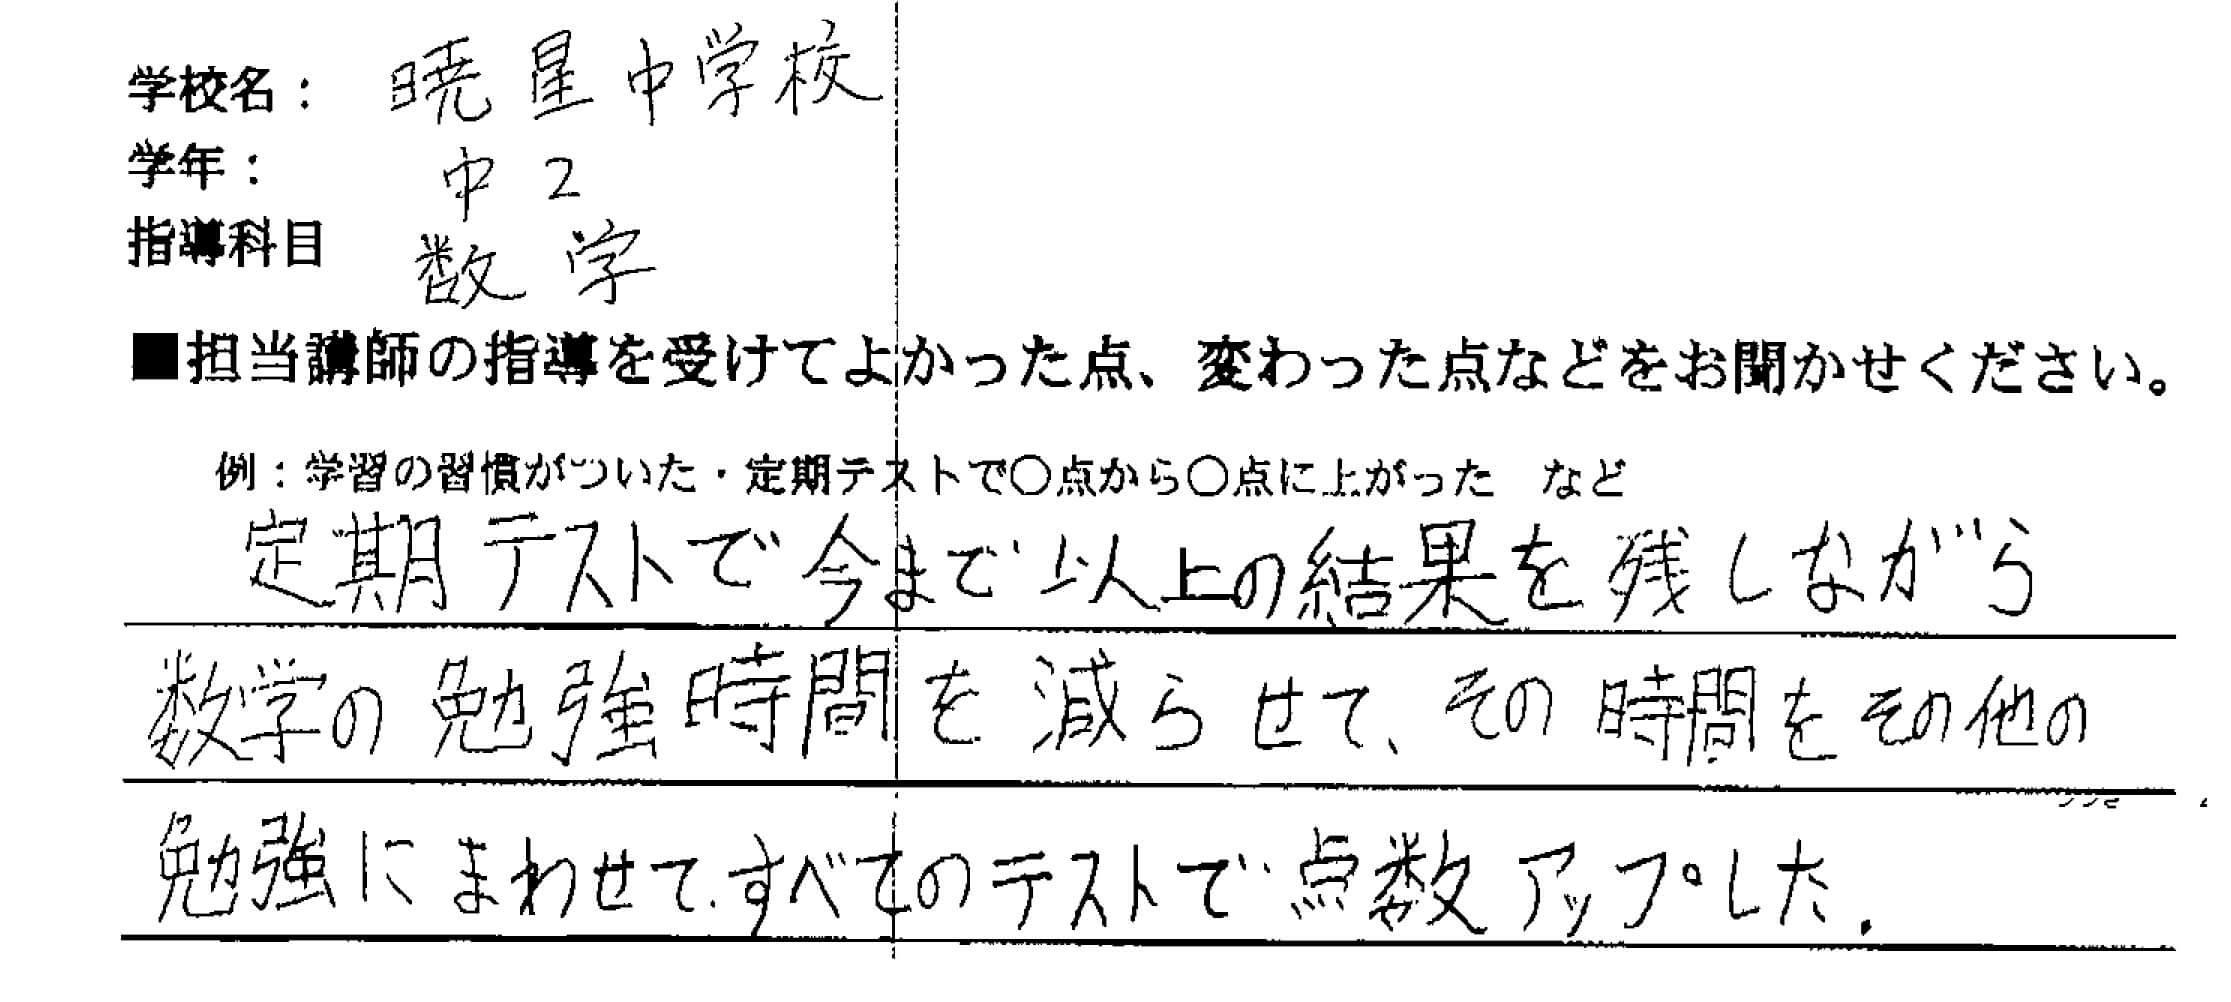 暁星中学校 2年 S・Sさん